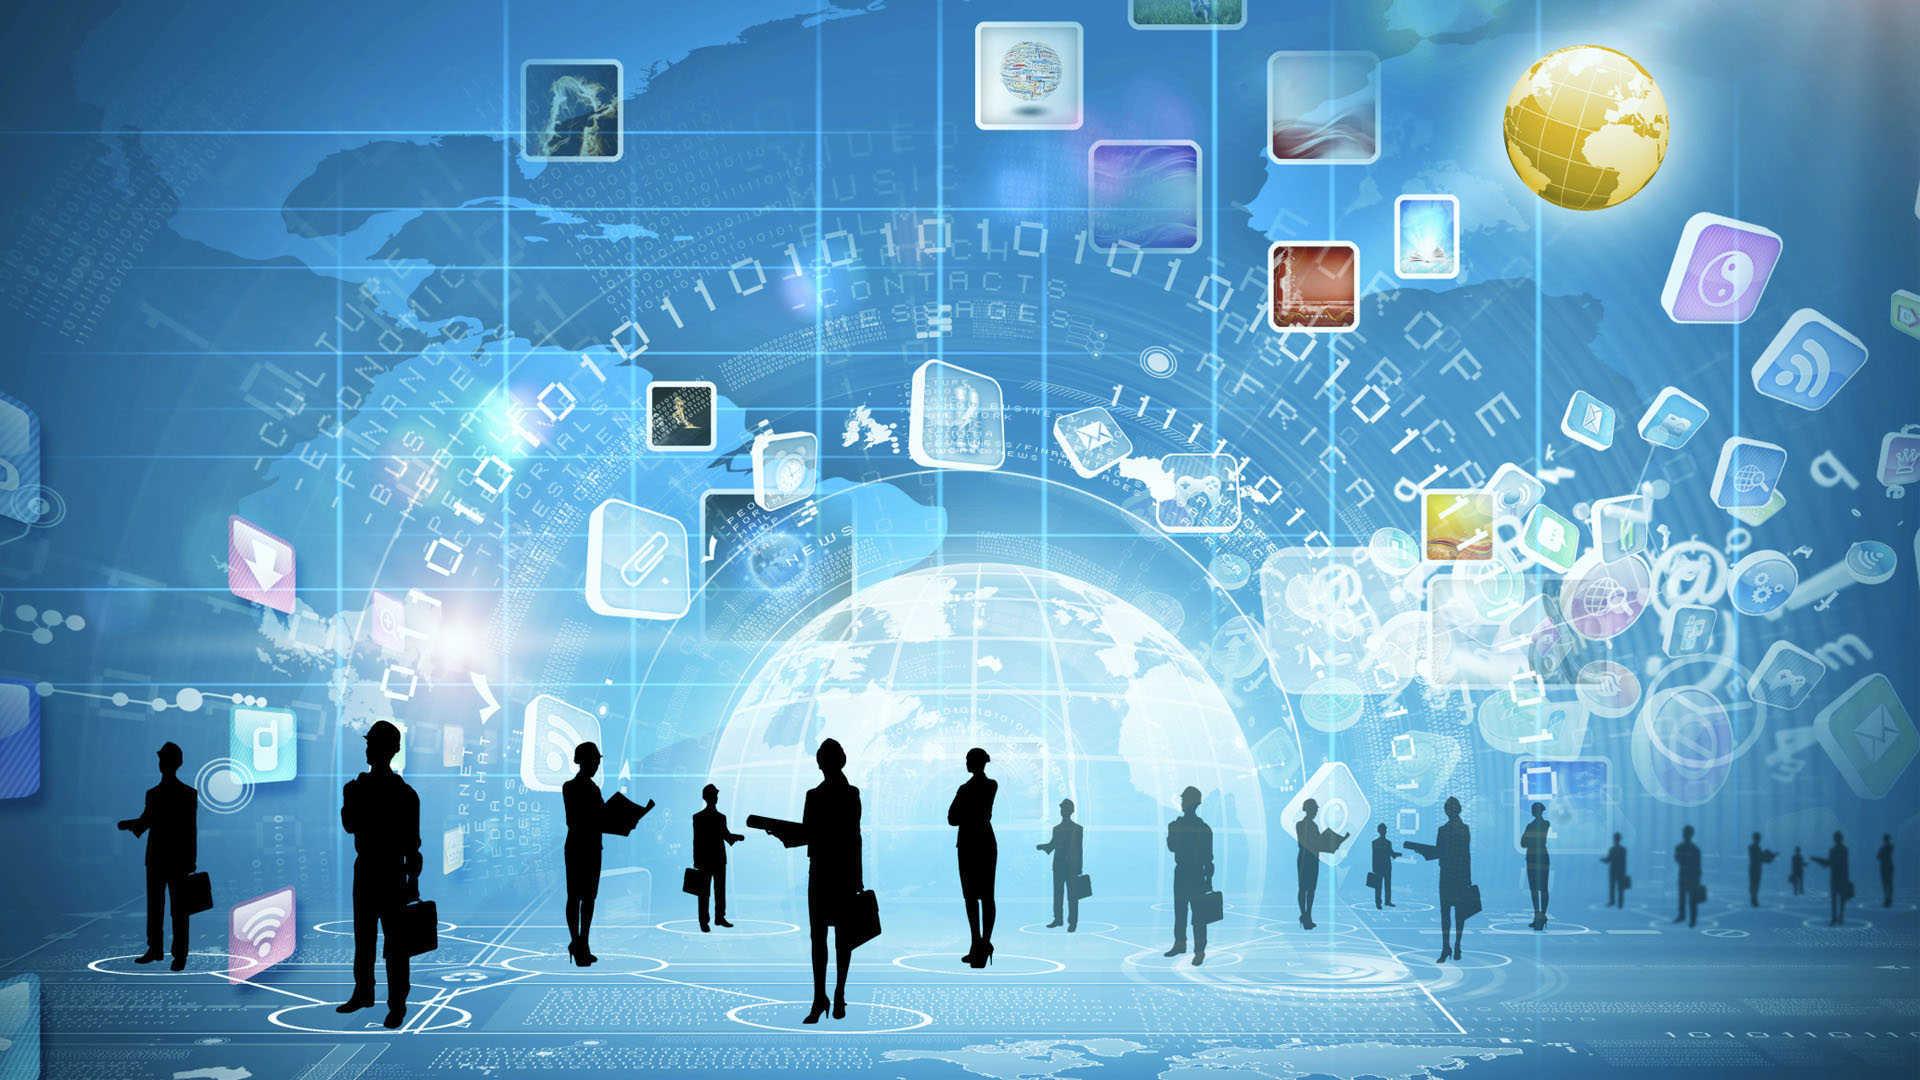 Tendencias de Marketing Digital para el 2016 - Insights Media